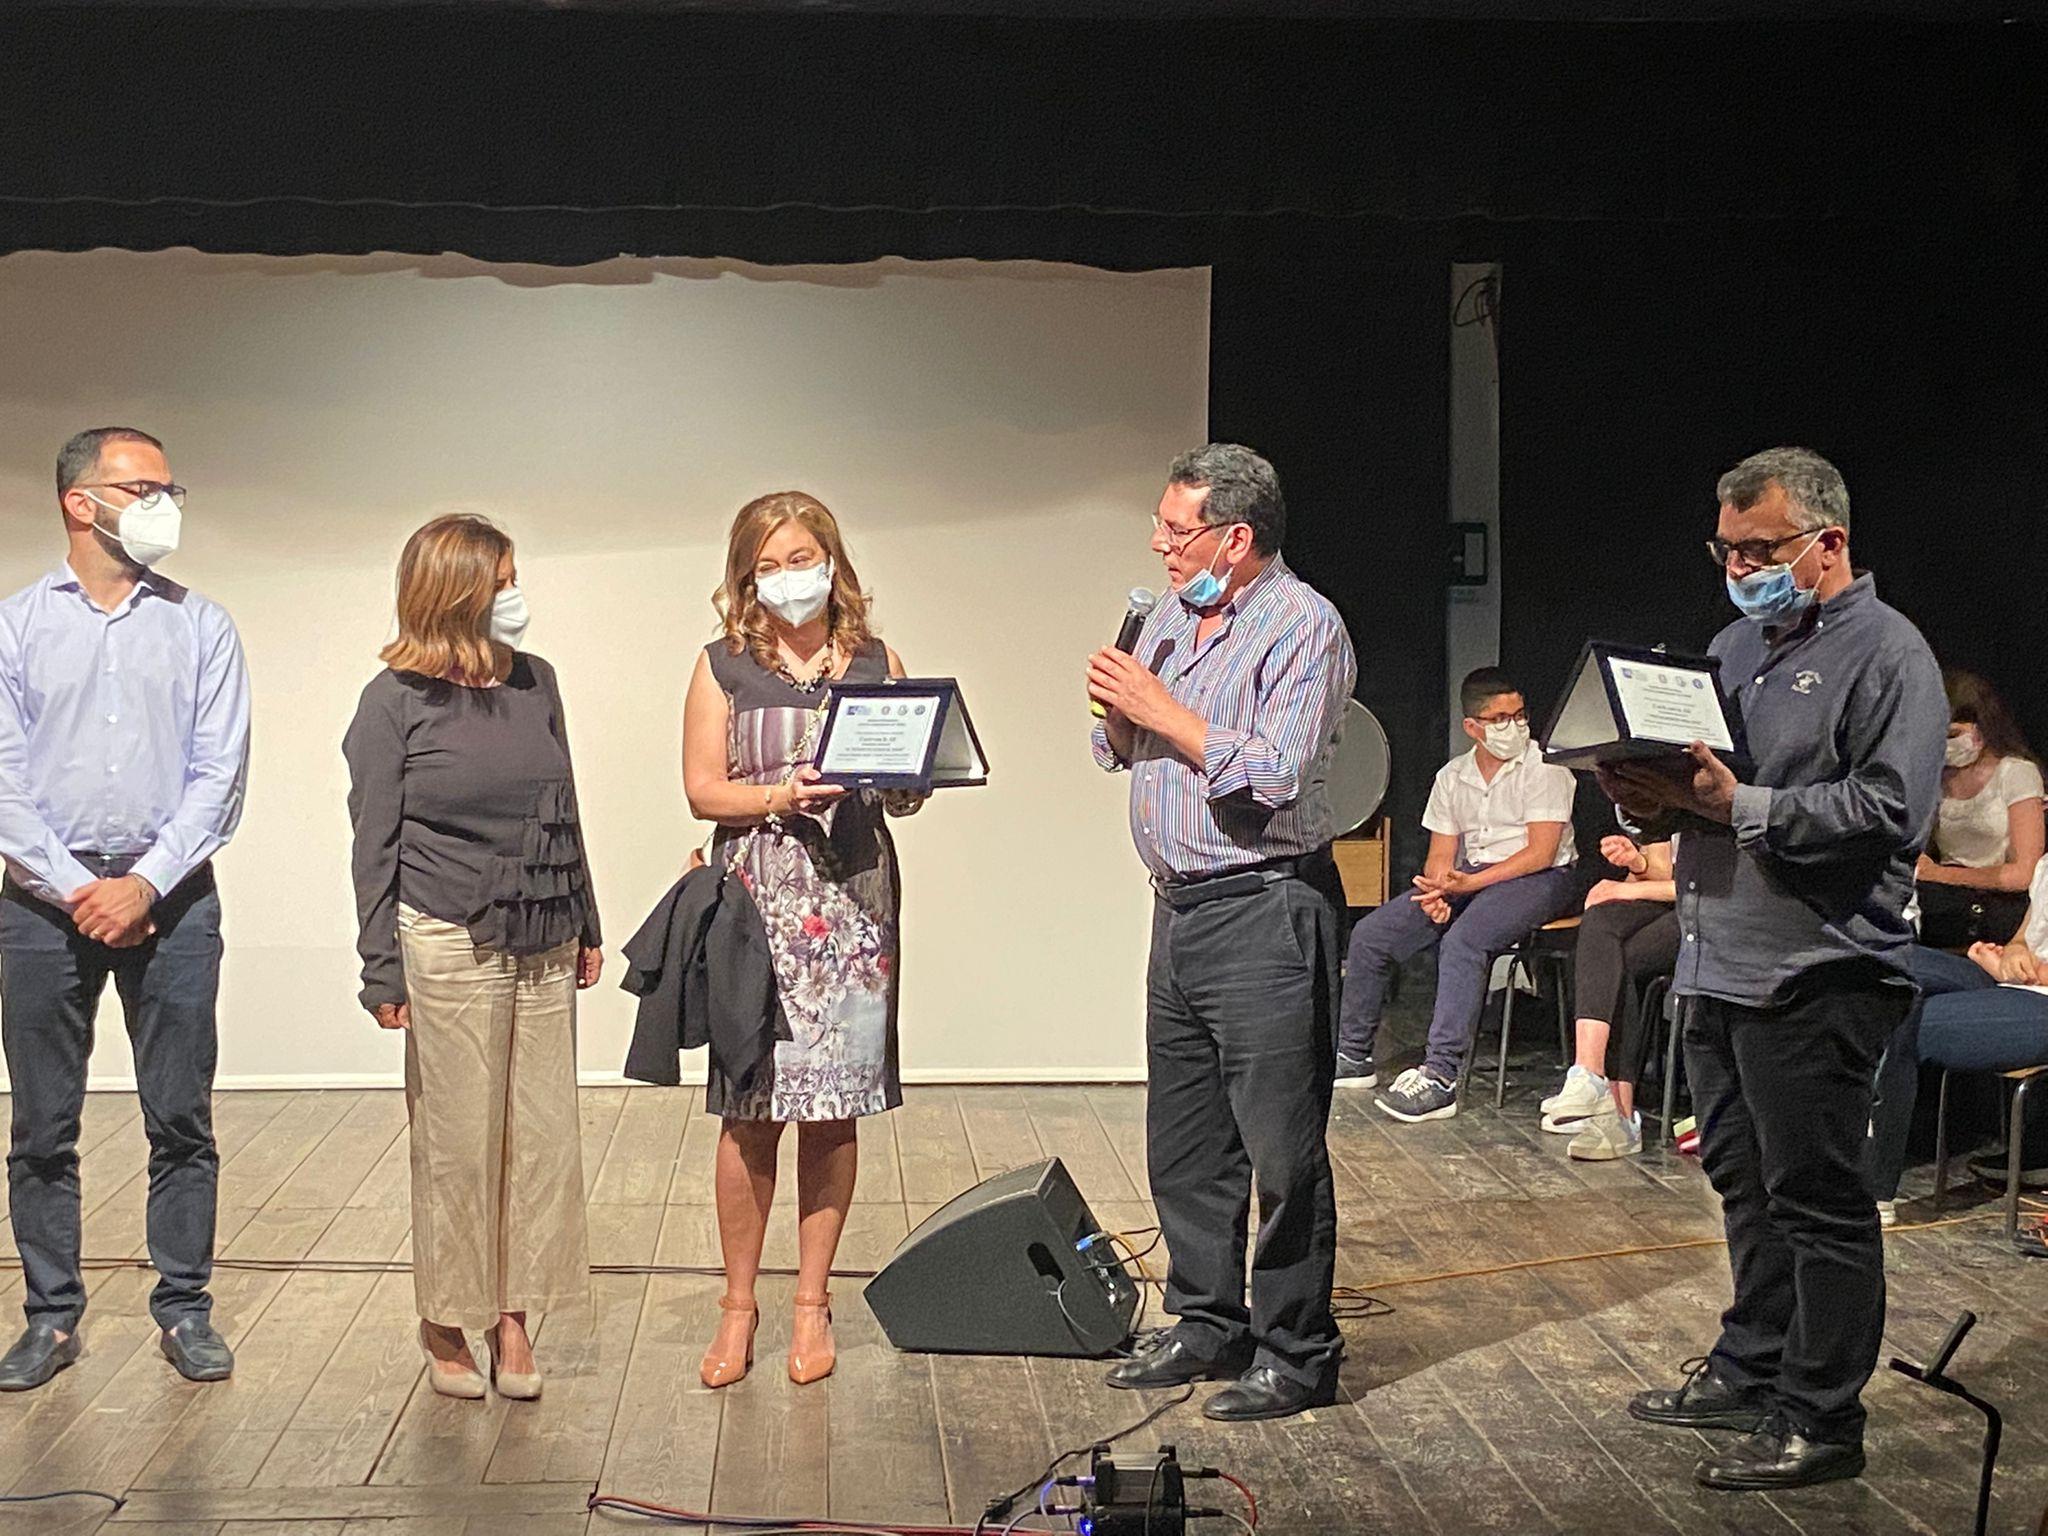 """Concluso con successo il progetto """"Cinelab"""" dell'I.C. di Alì Terme tra festival, corti, musica e cineforum"""